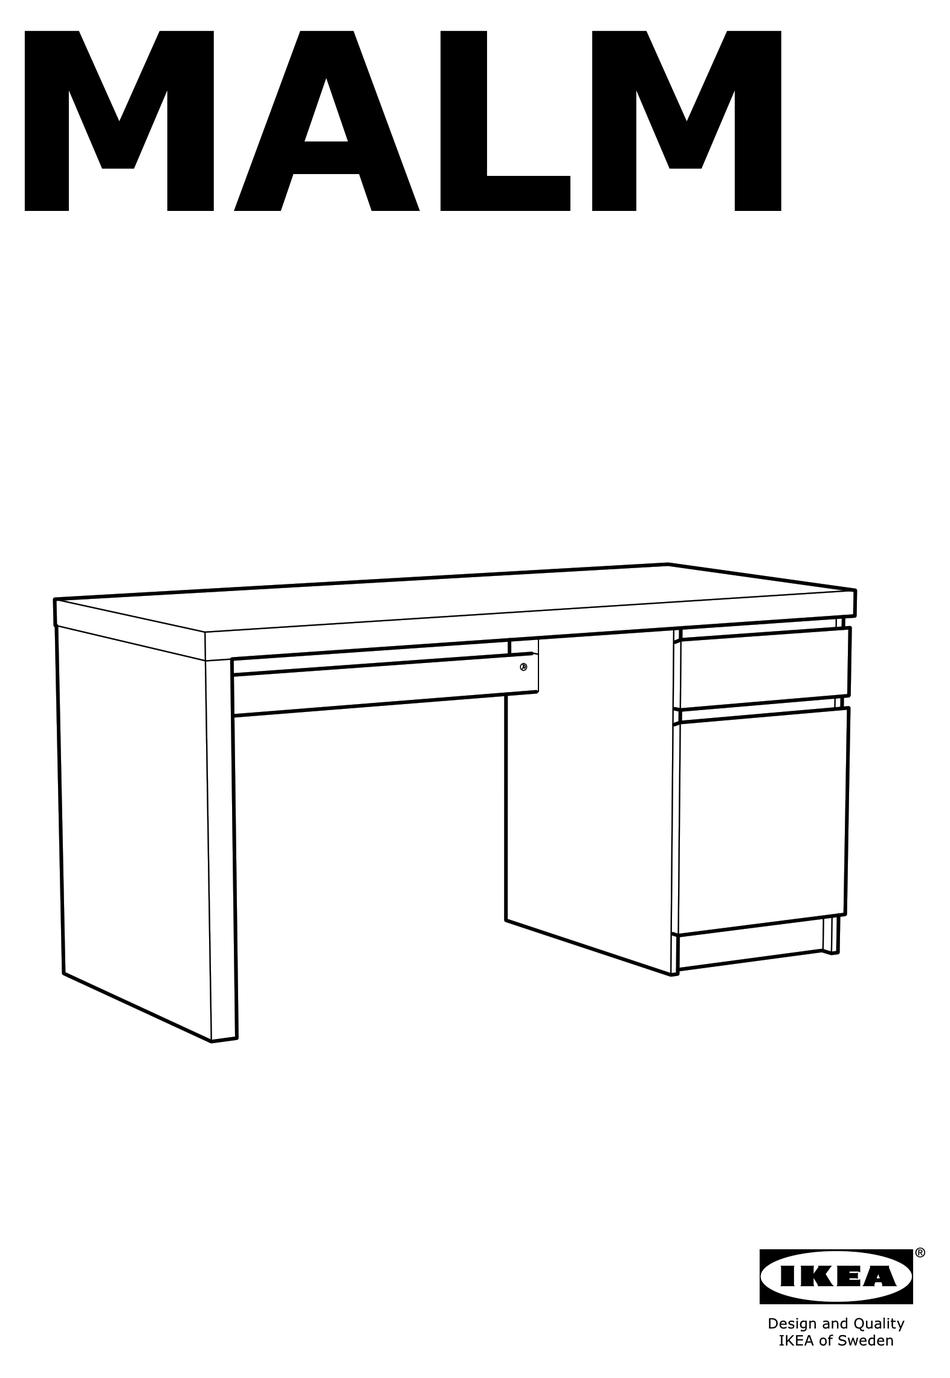 Ikea Malm User Manual Pdf